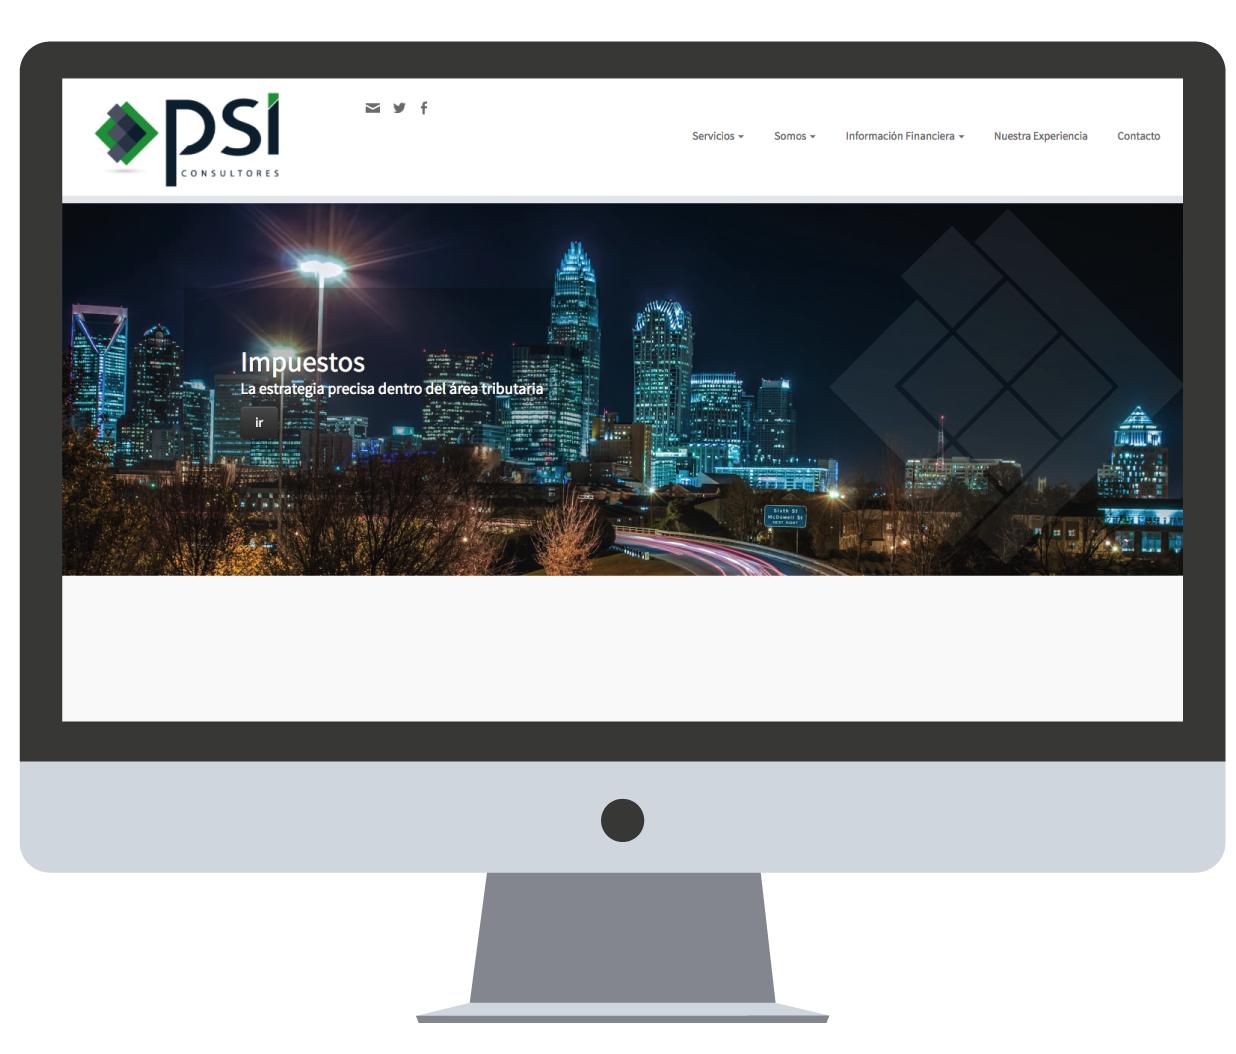 psi_portafolio_web